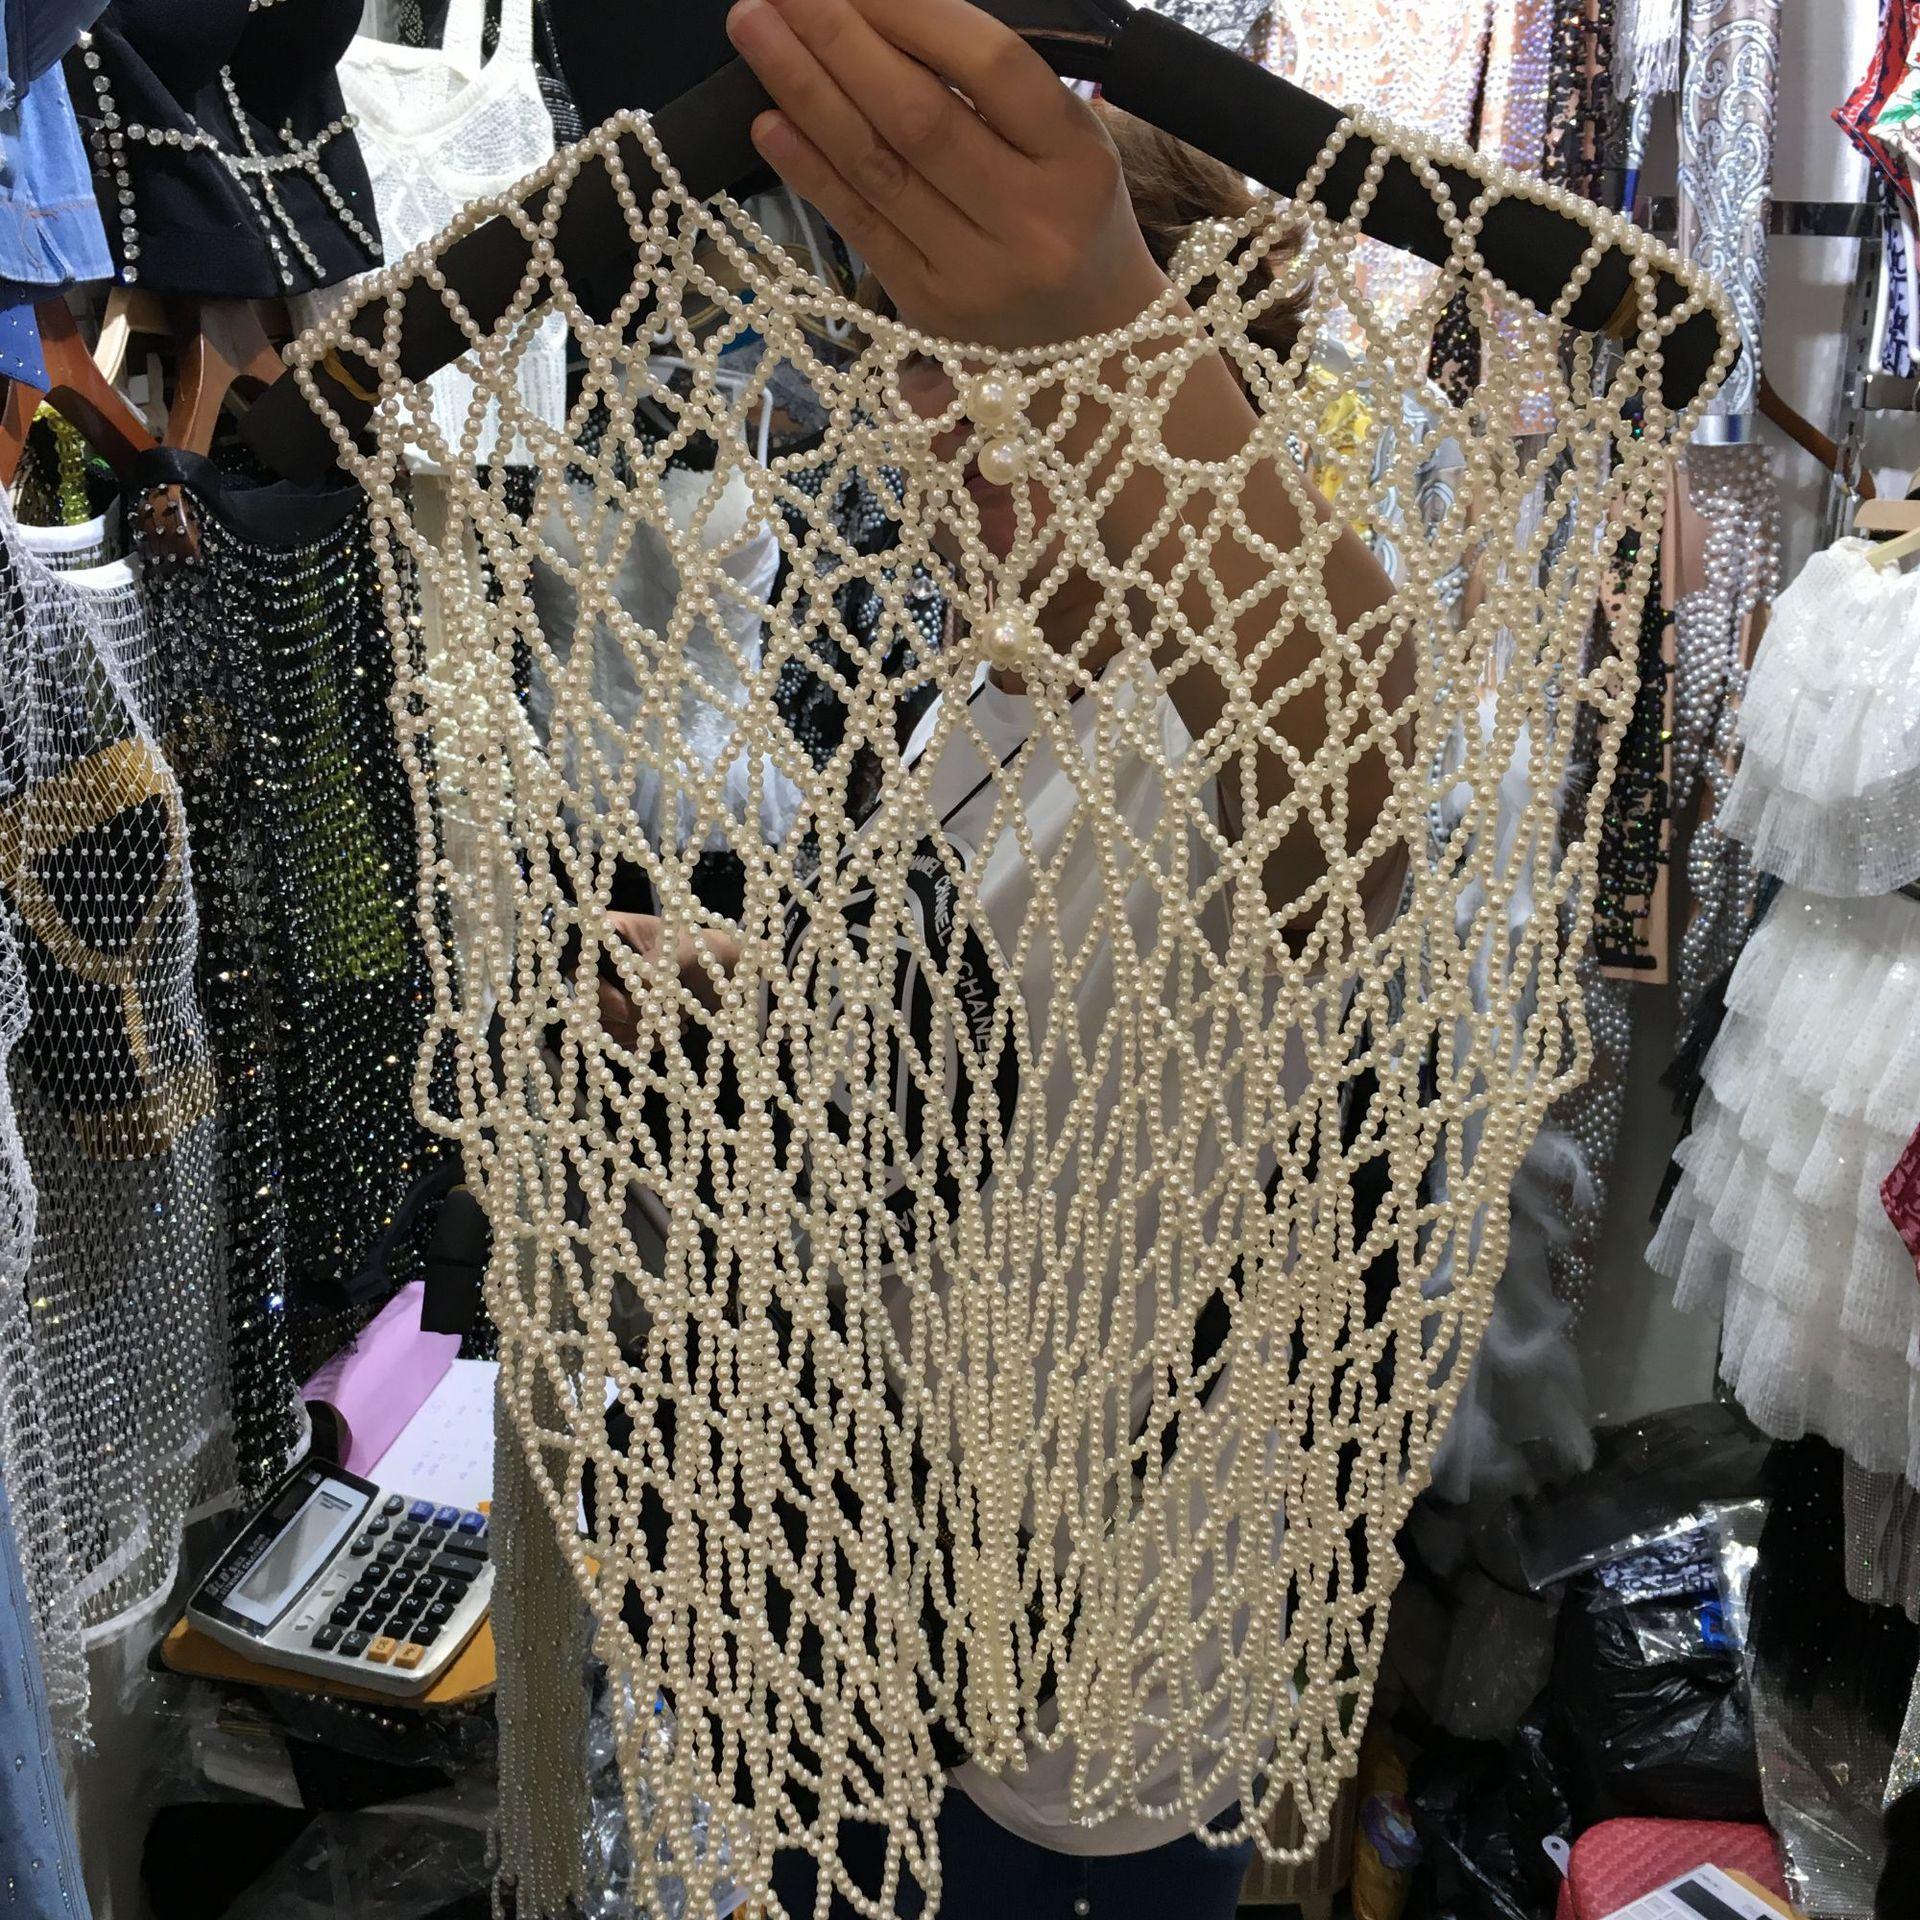 2019 printemps été perle gilet rétro palais style design perlé corset court gilet H49